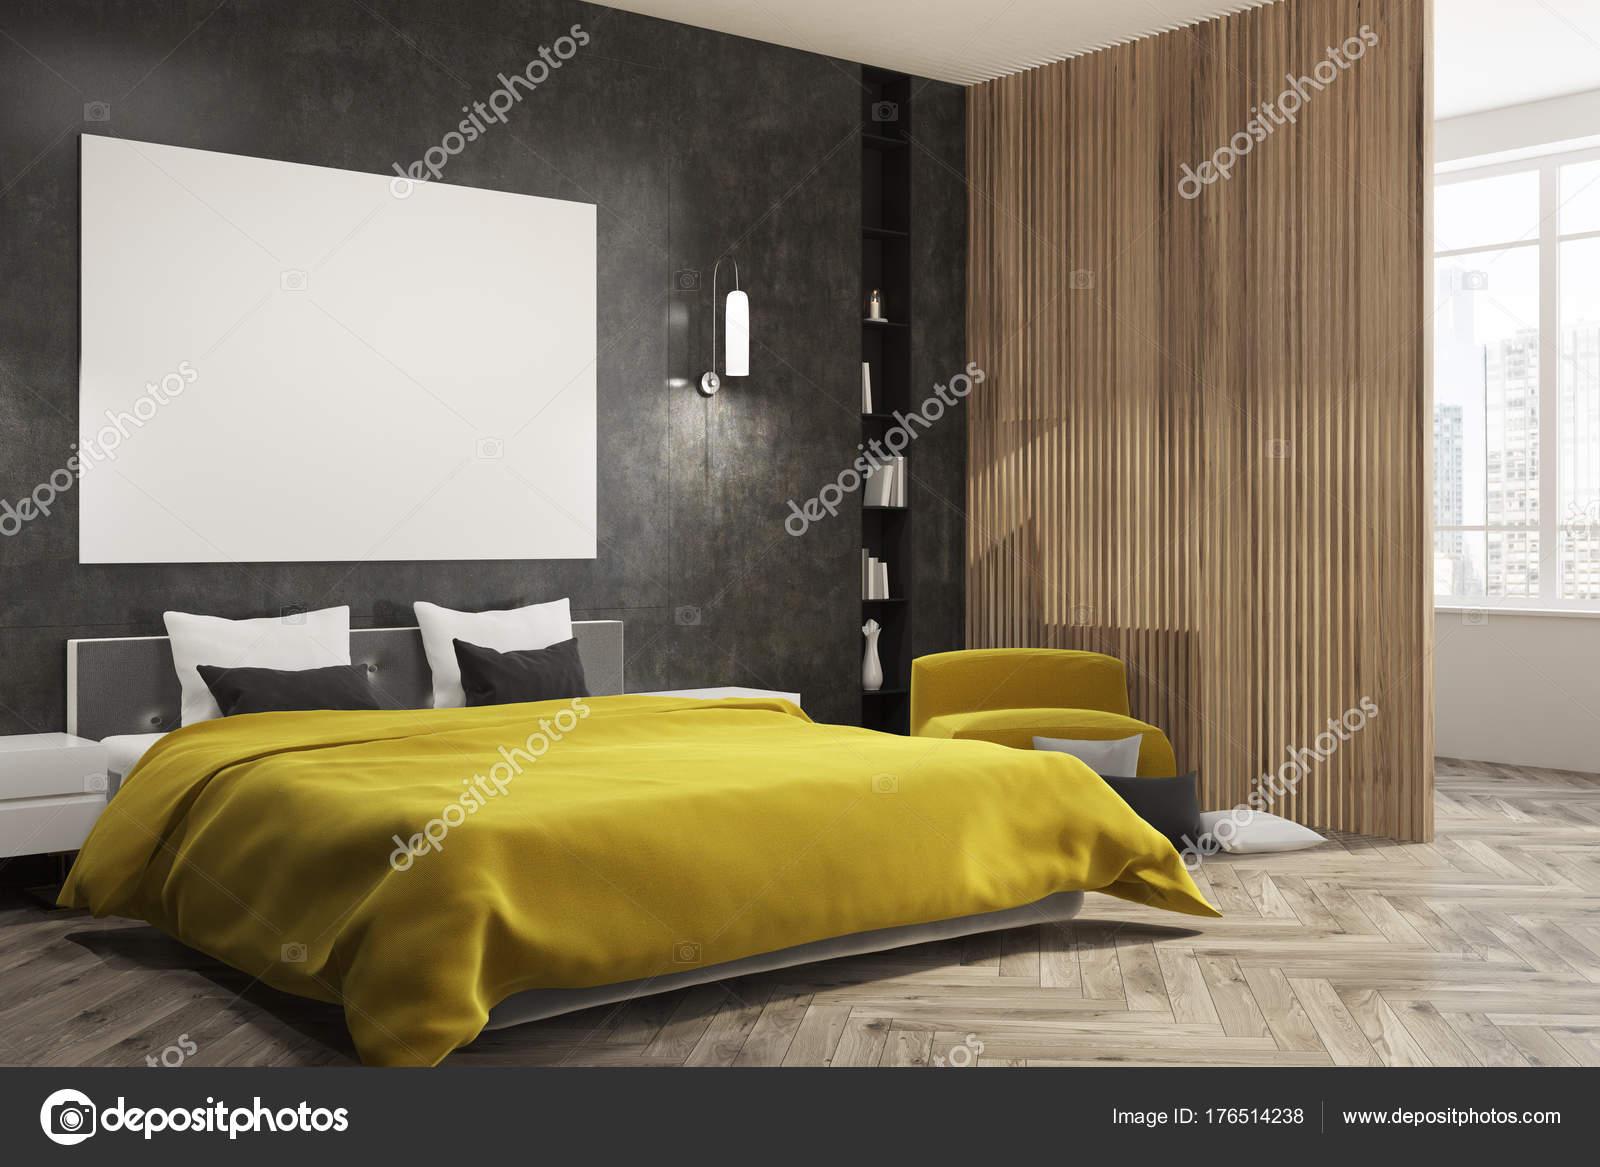 Letto camera da letto nera, gialla, manifesto lato — Foto Stock ...